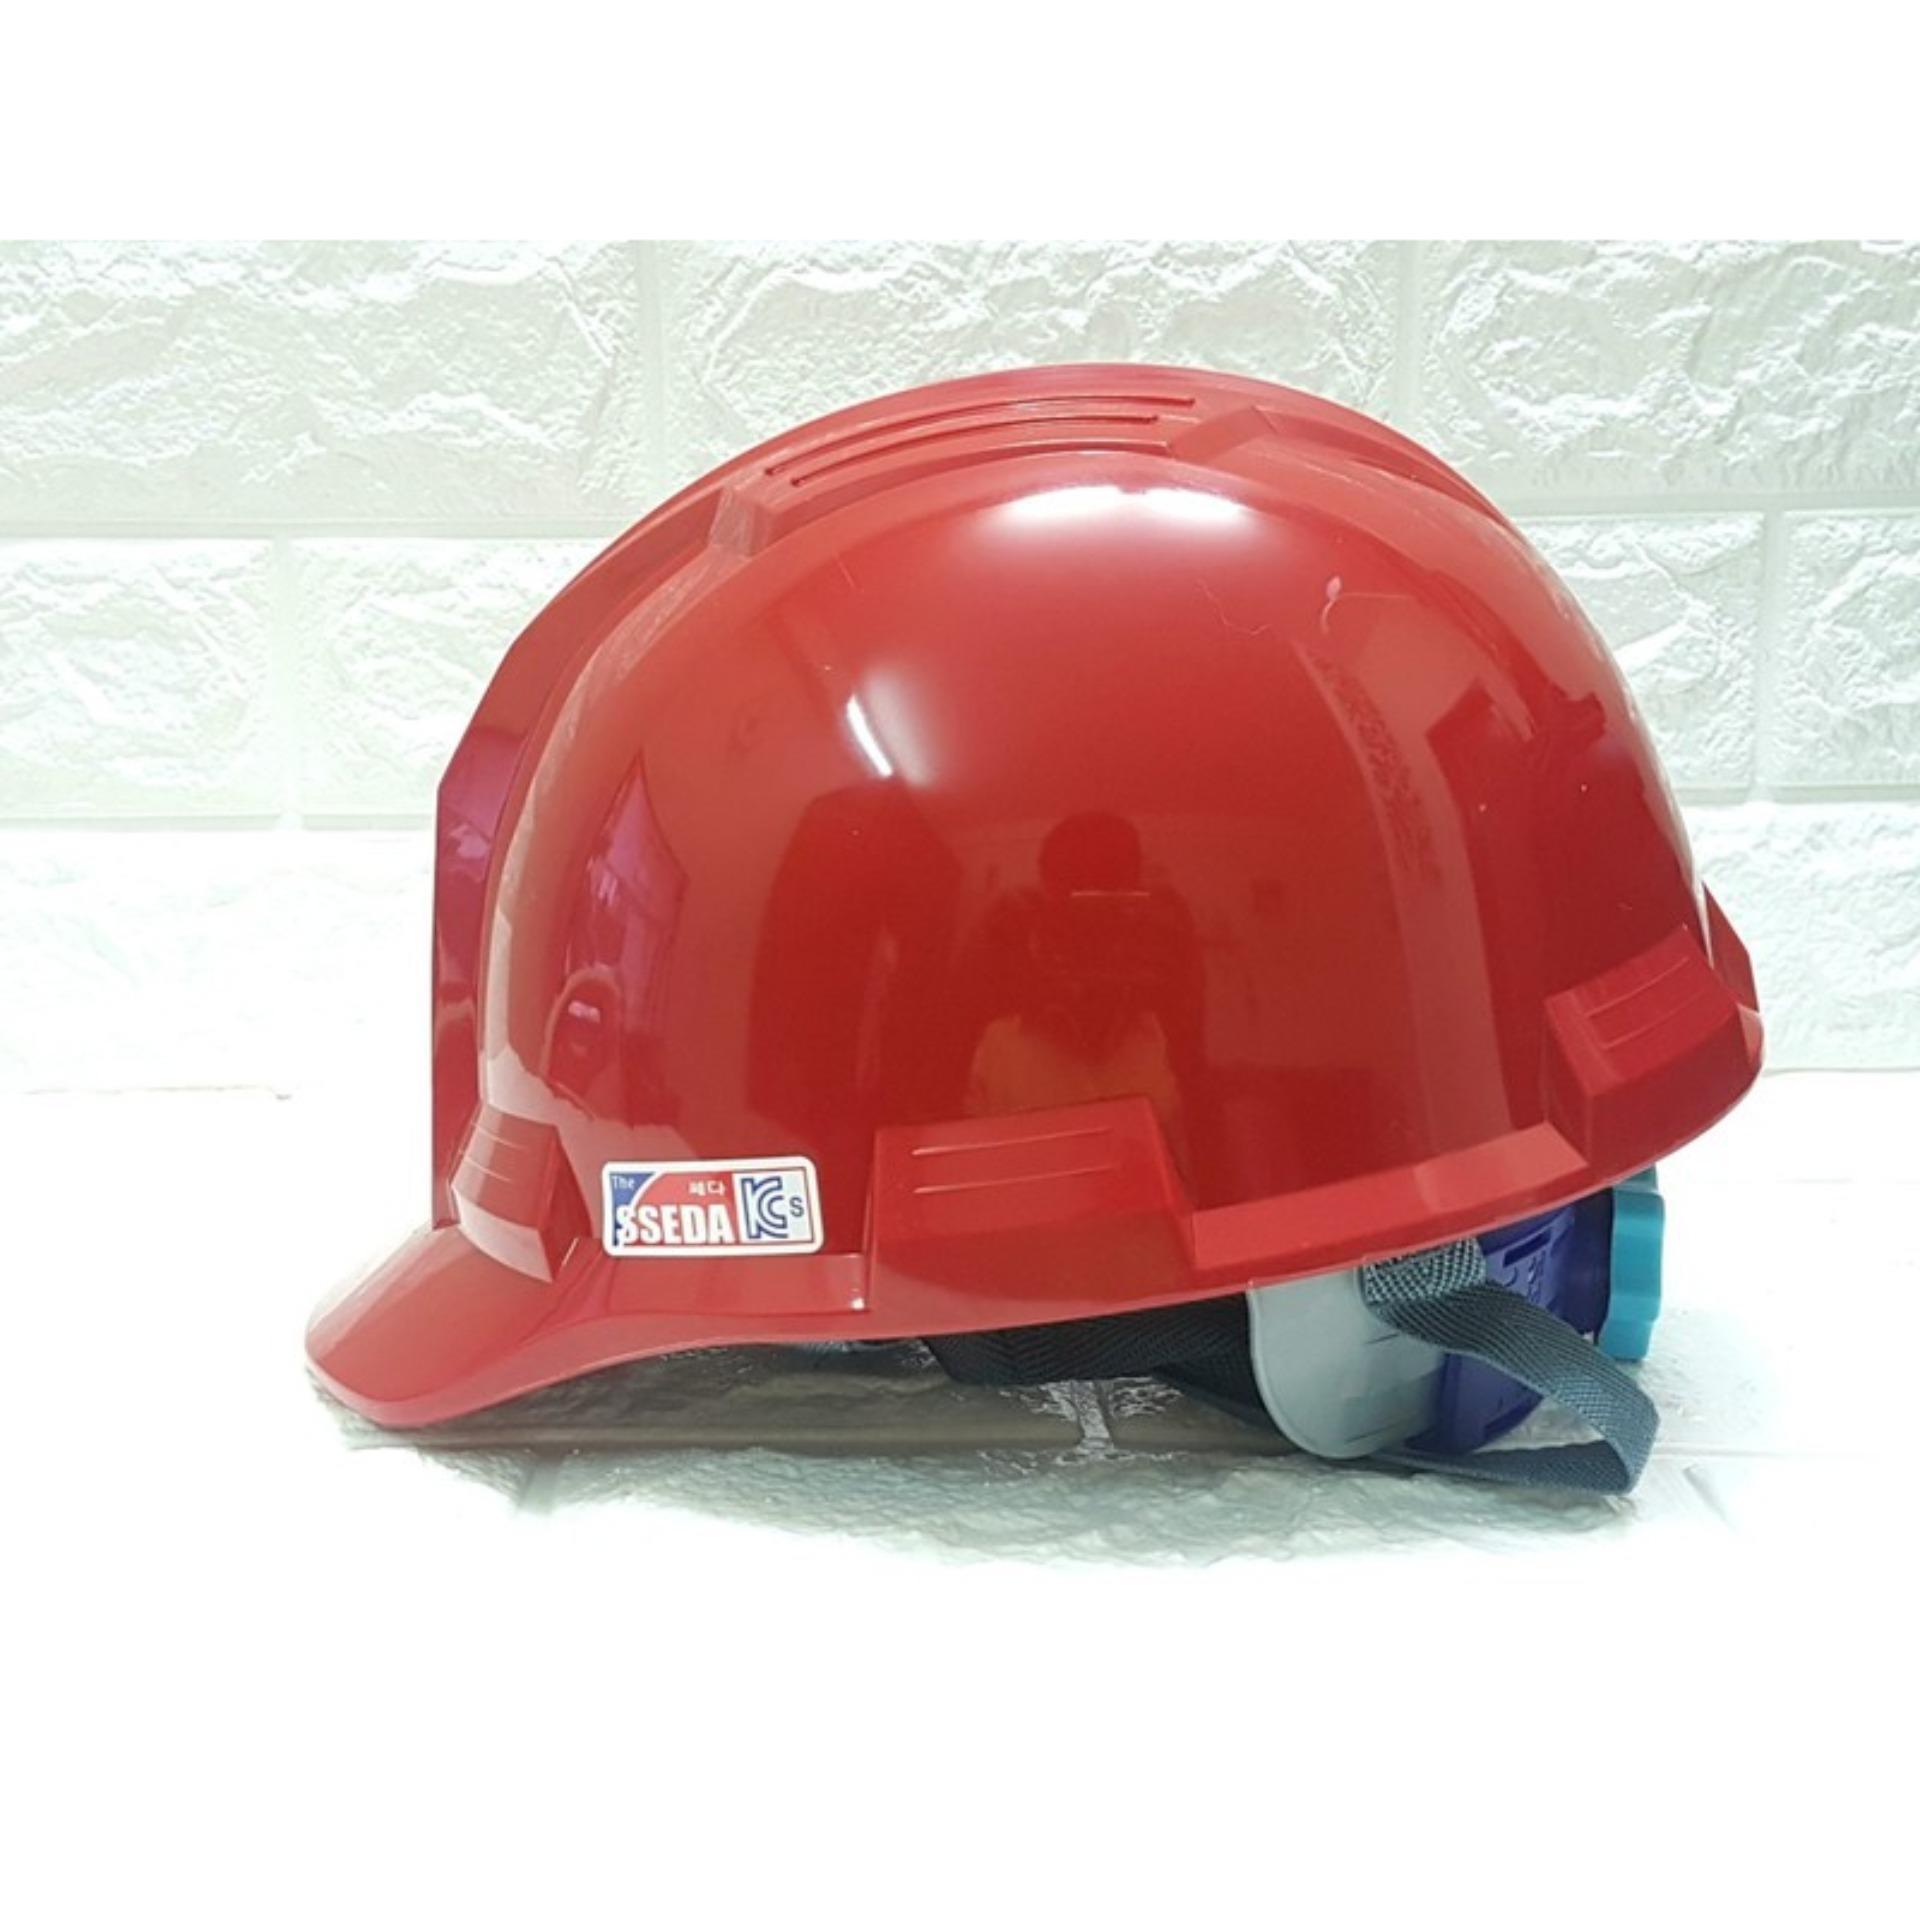 nón bảo hộ lao động SSEDA 04 hàn quốc chống va đập/ mũ bảo hộ lao động SSEDA 04 hàn quốc chống va đập màu đỏ